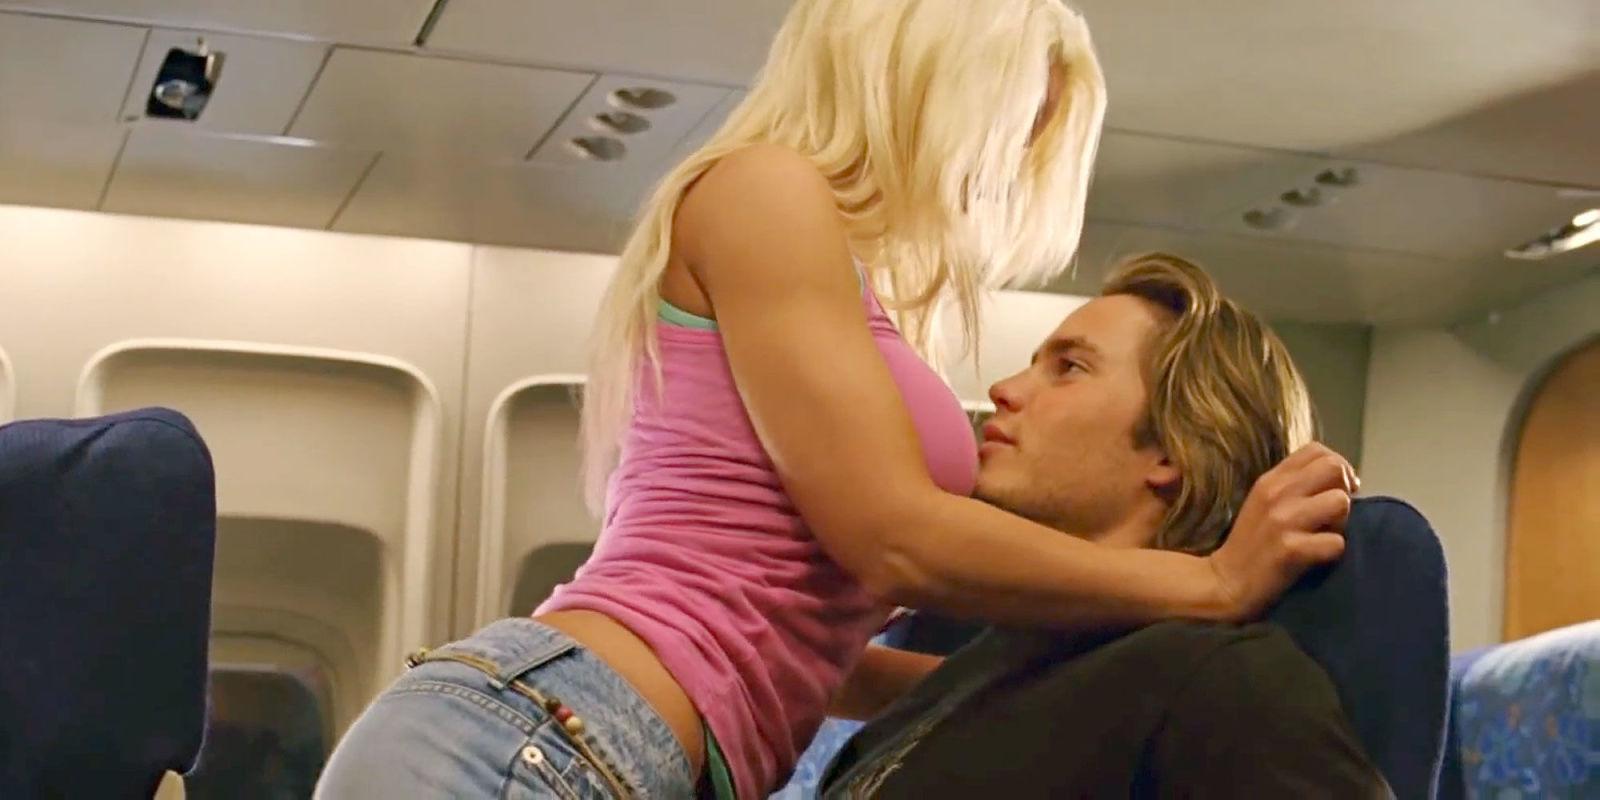 Sex In Aeroplane